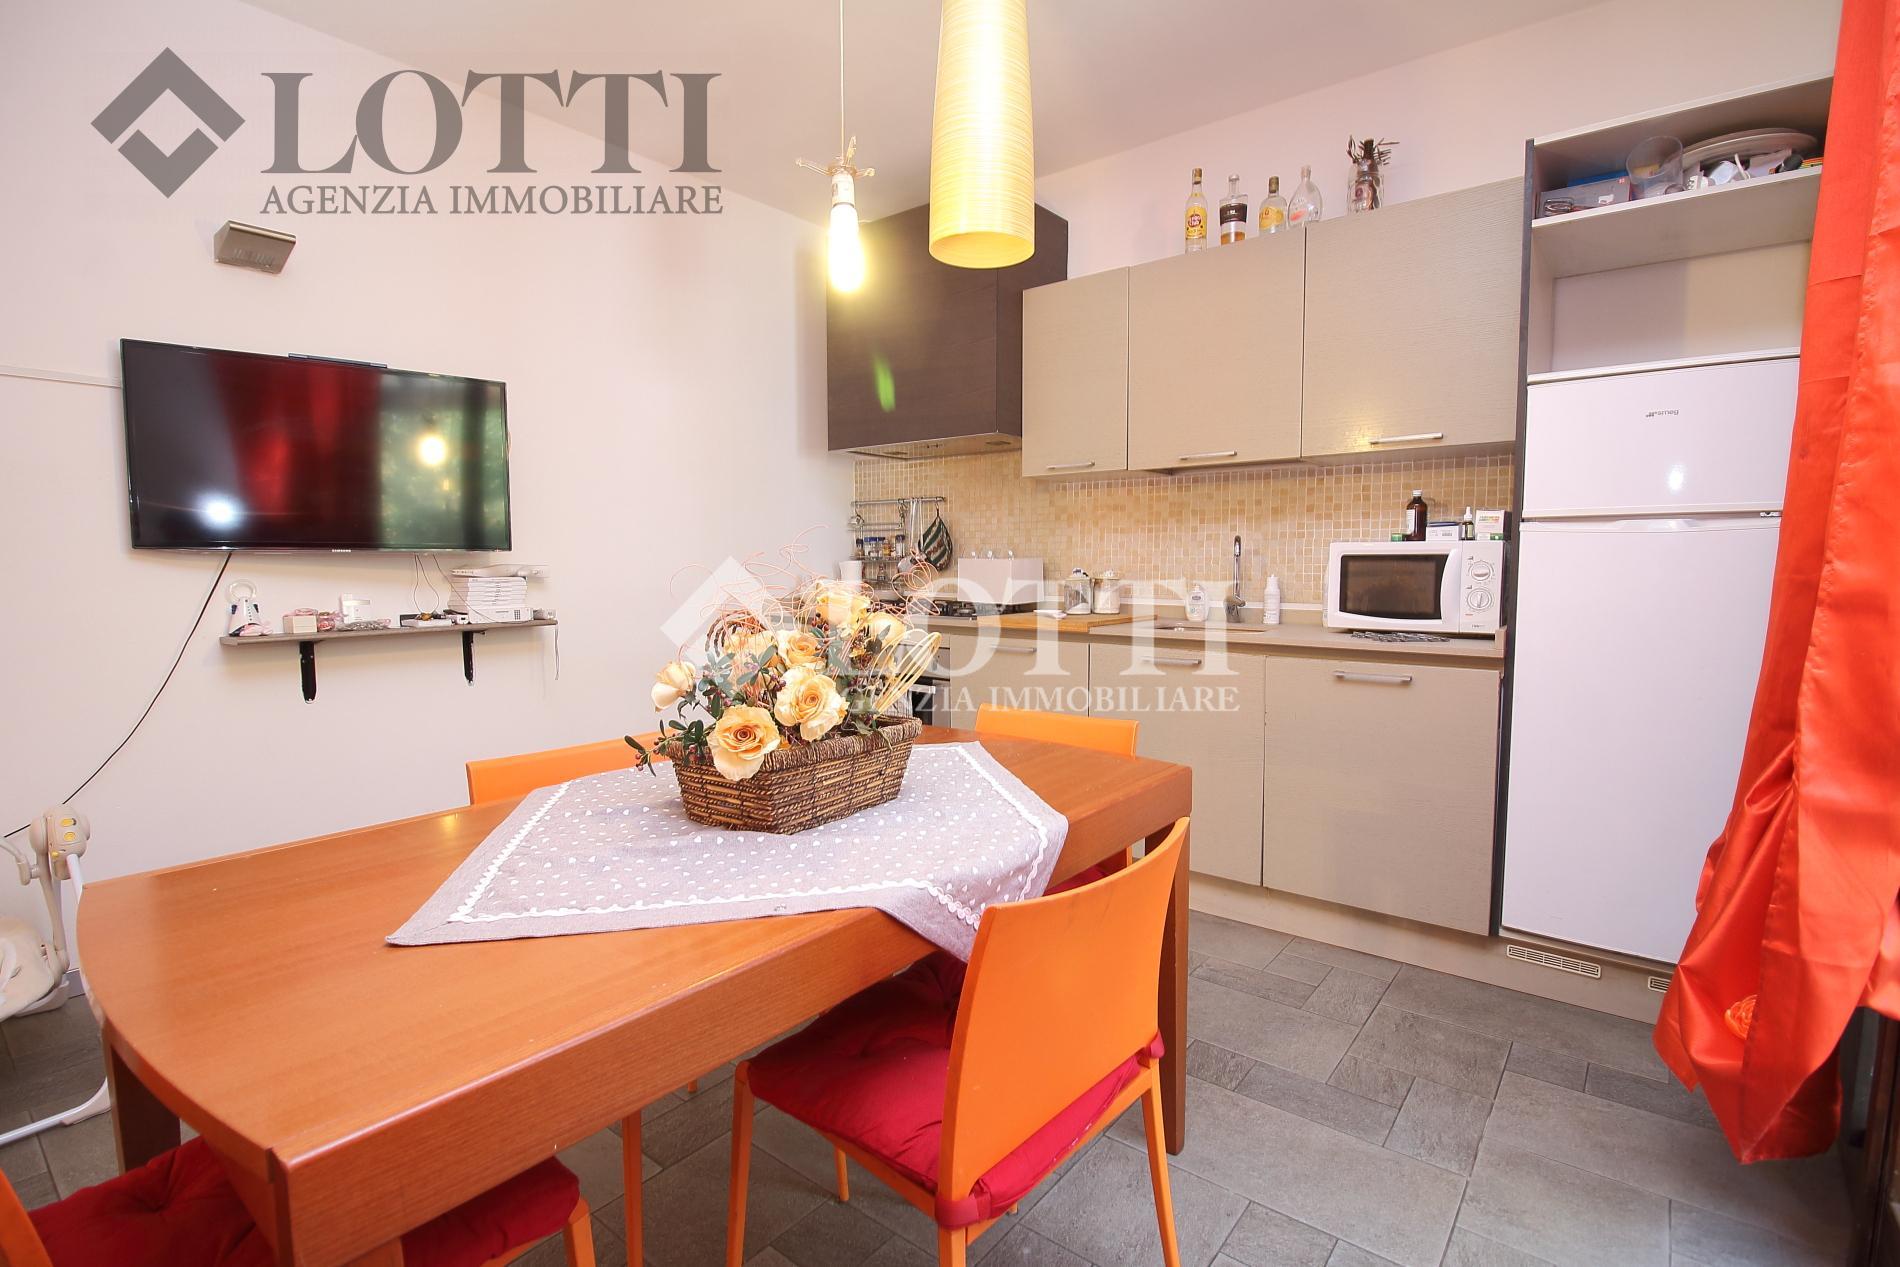 Appartamento in vendita, rif. 447